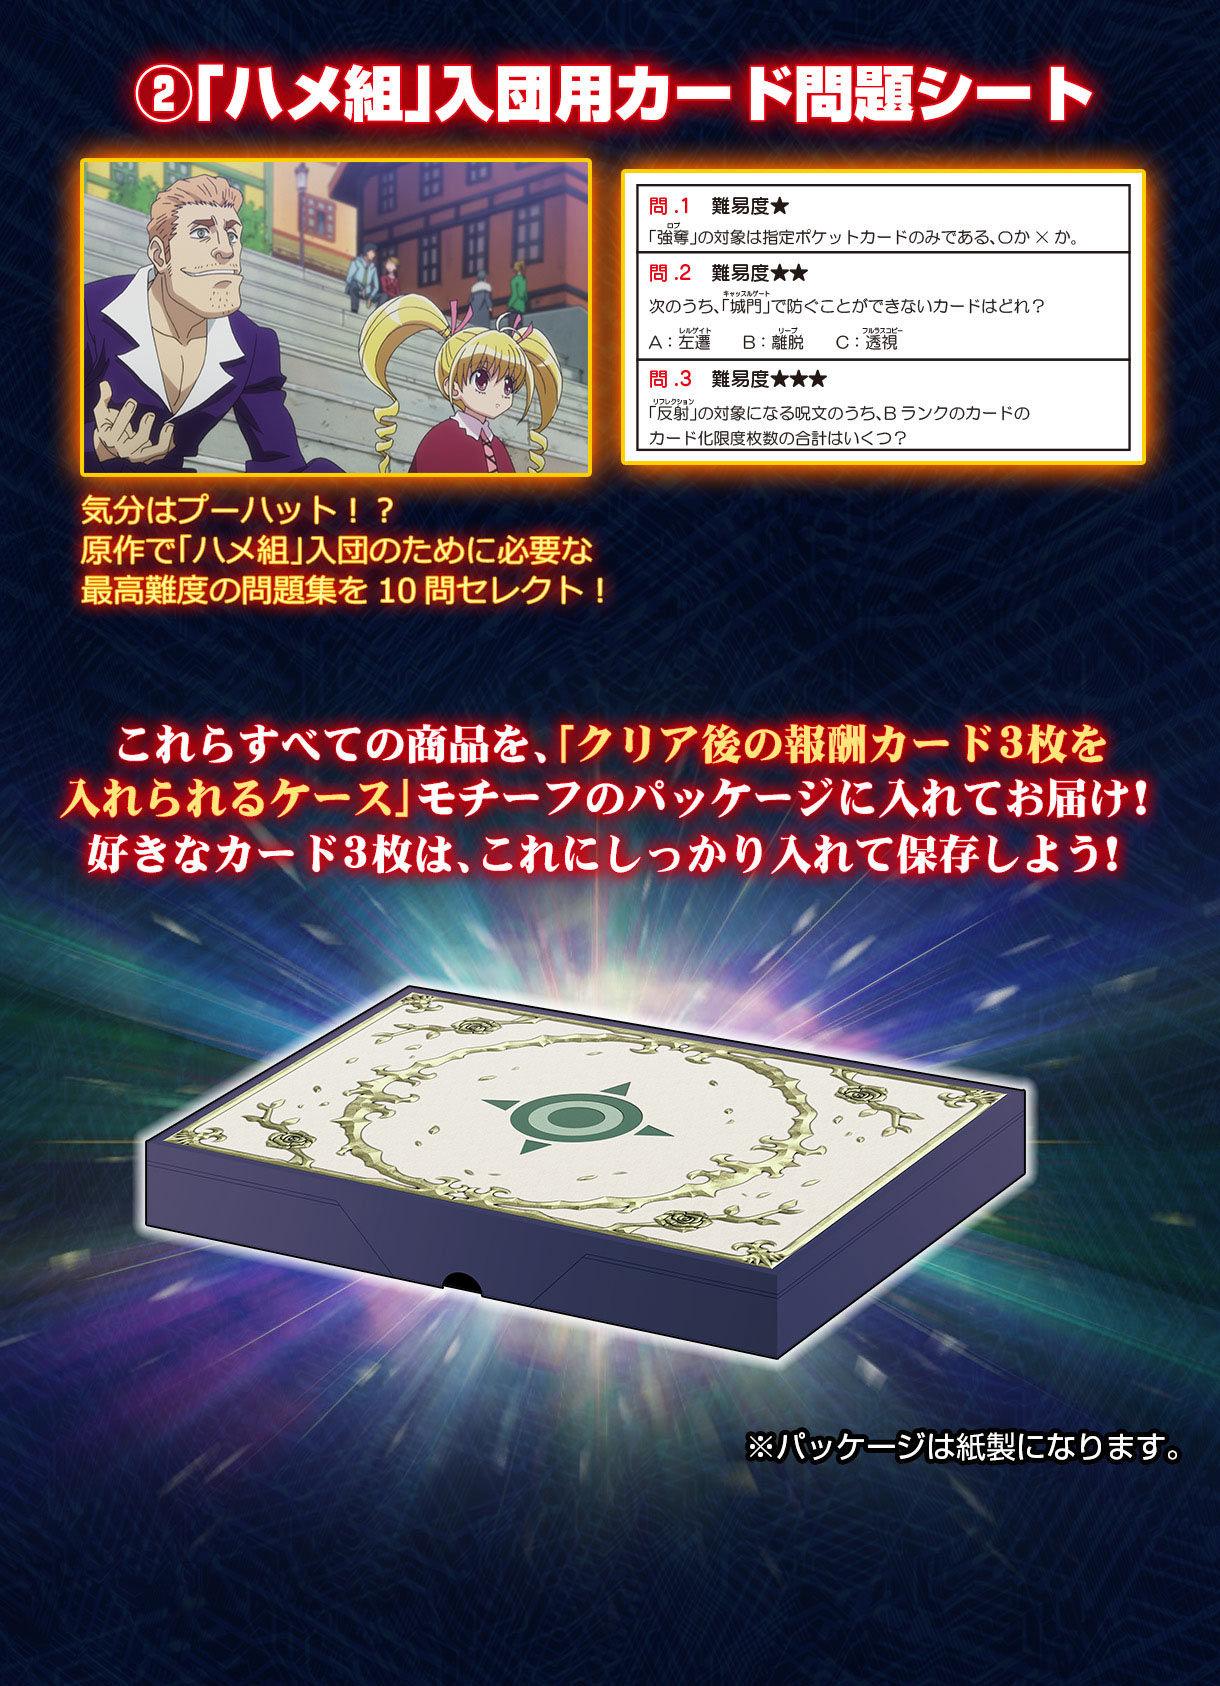 「ハメ組」入団用カード問題シート